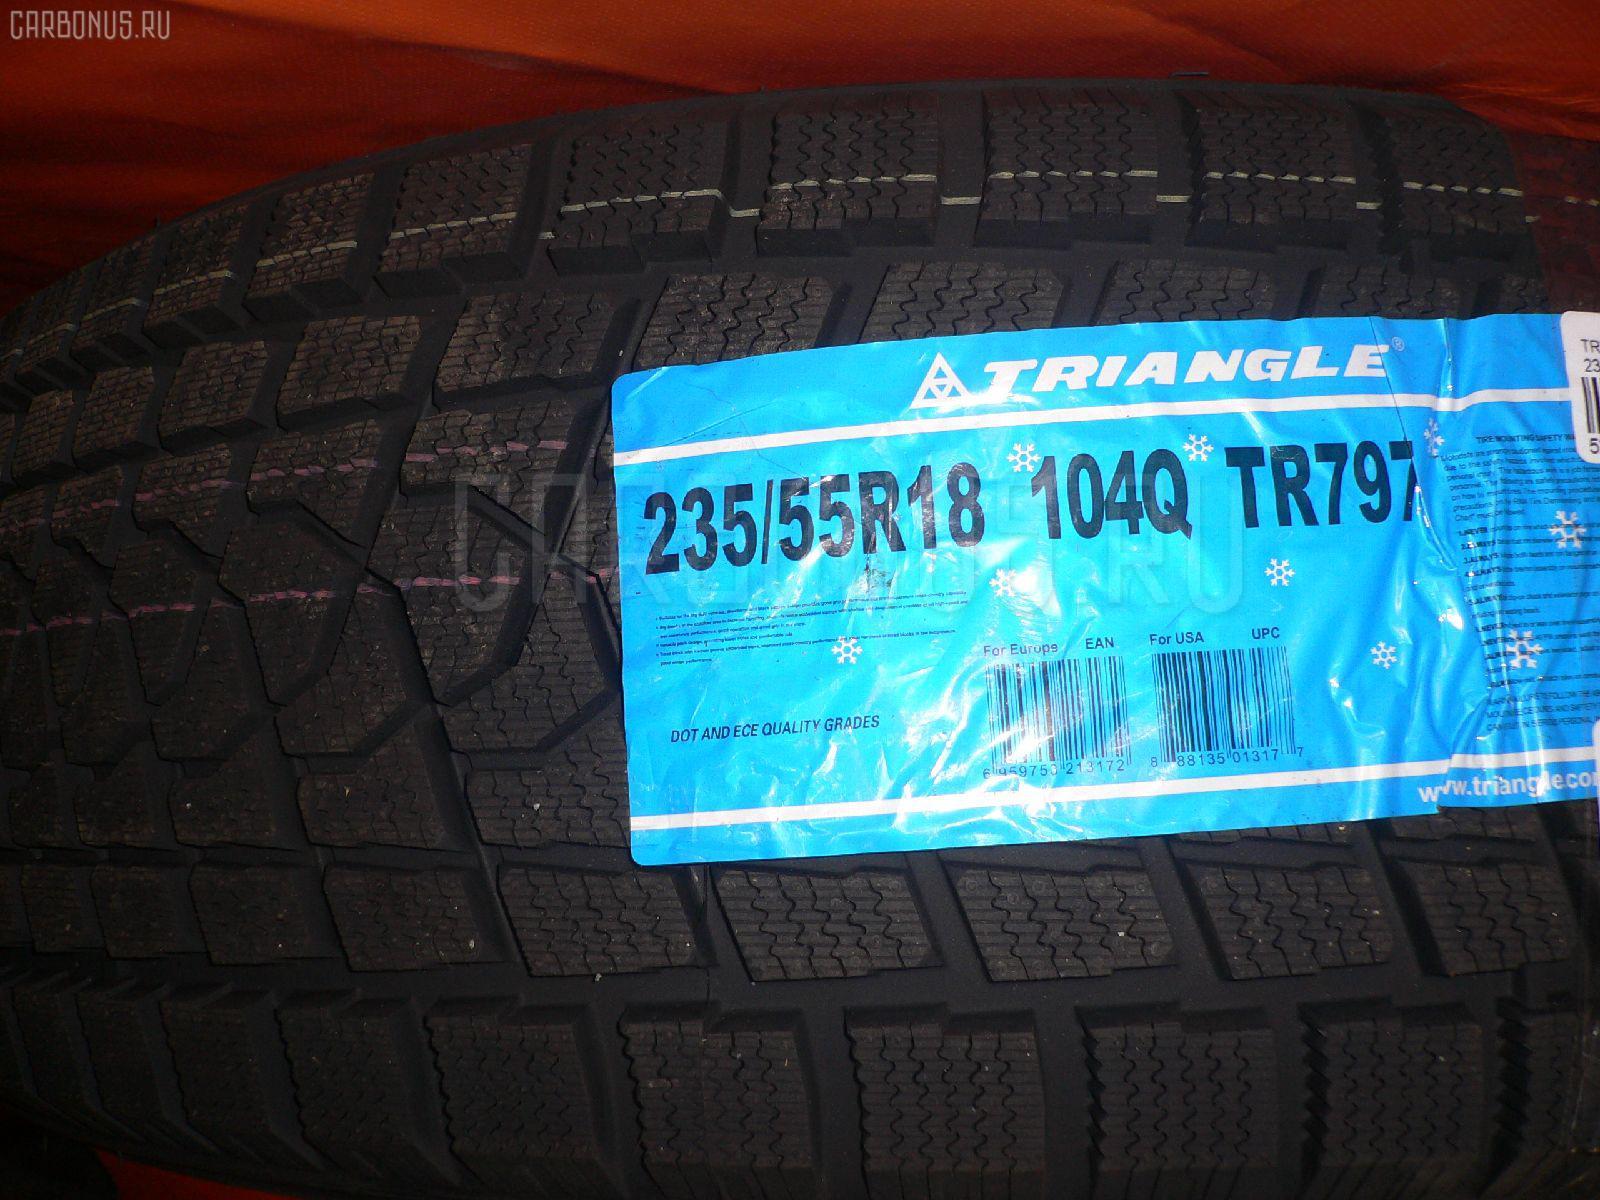 Автошина легковая зимняя TR797 235/55R18. Фото 11